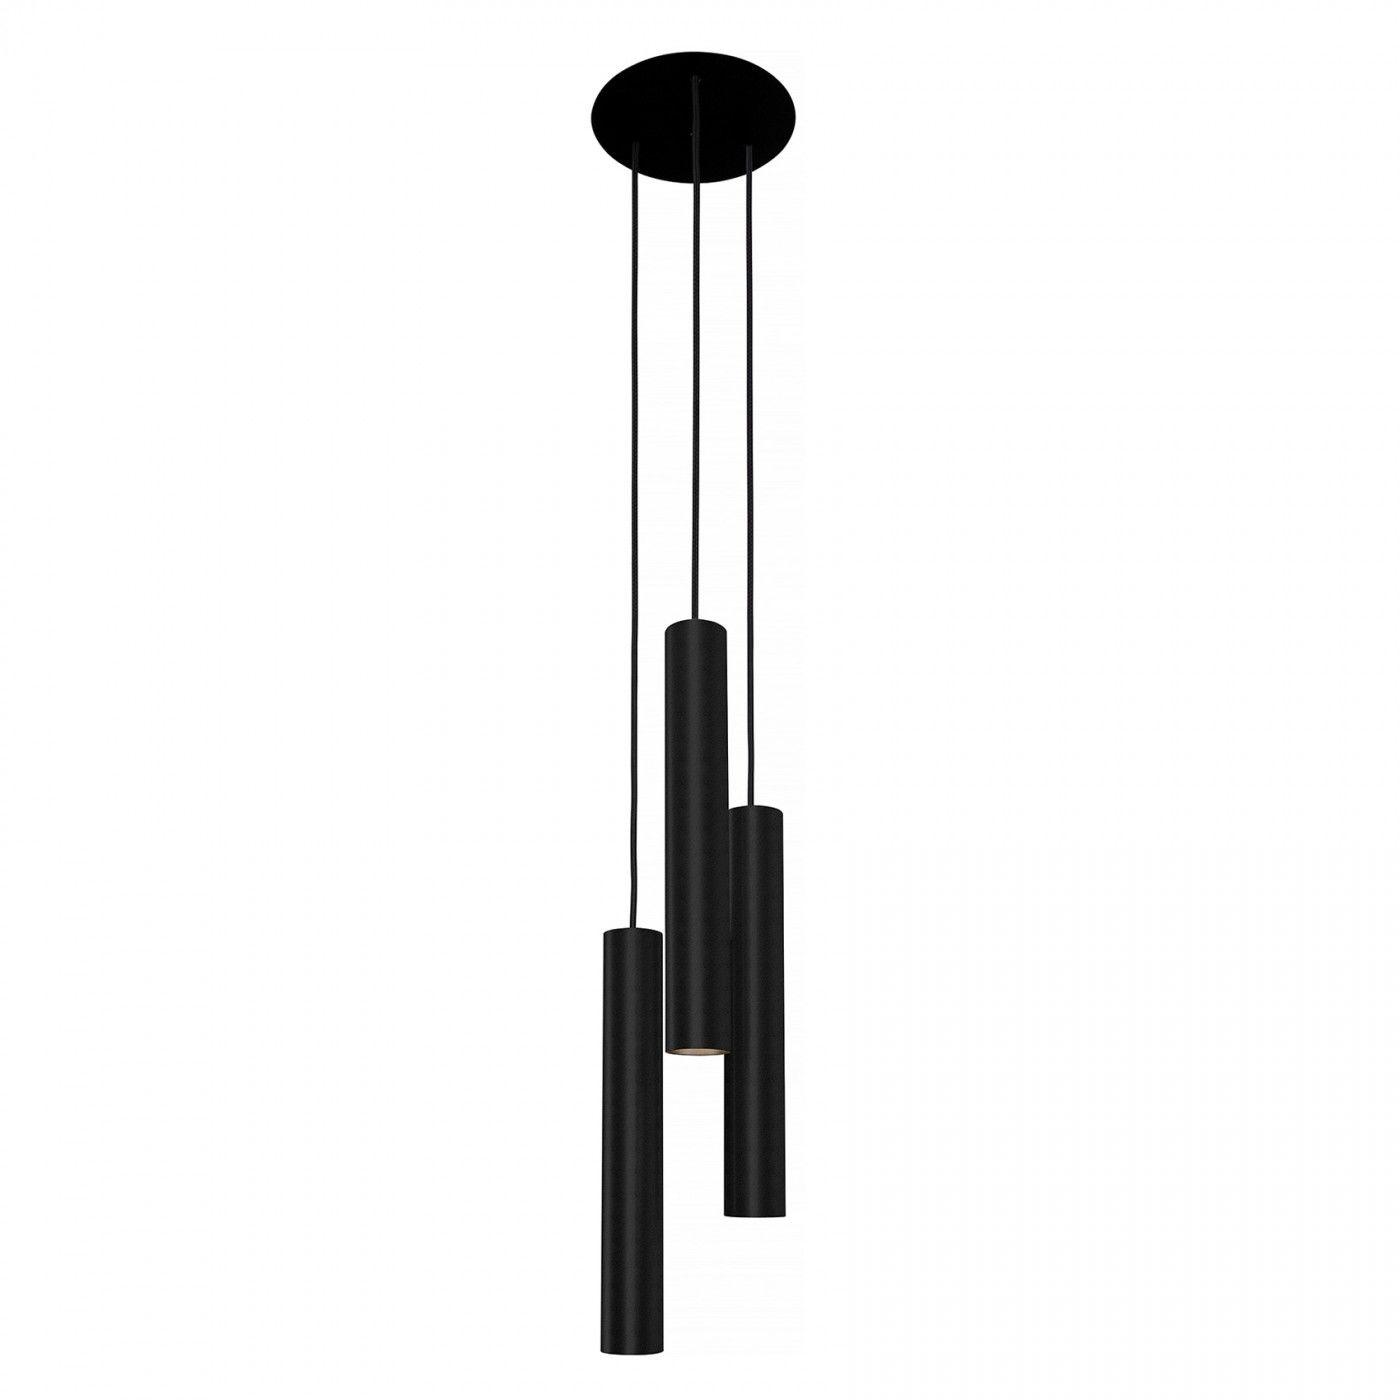 Lampa wisząca Eye L 8917 Nowodvorski Lighting potrójny czarny zwis w nowoczesnym stylu